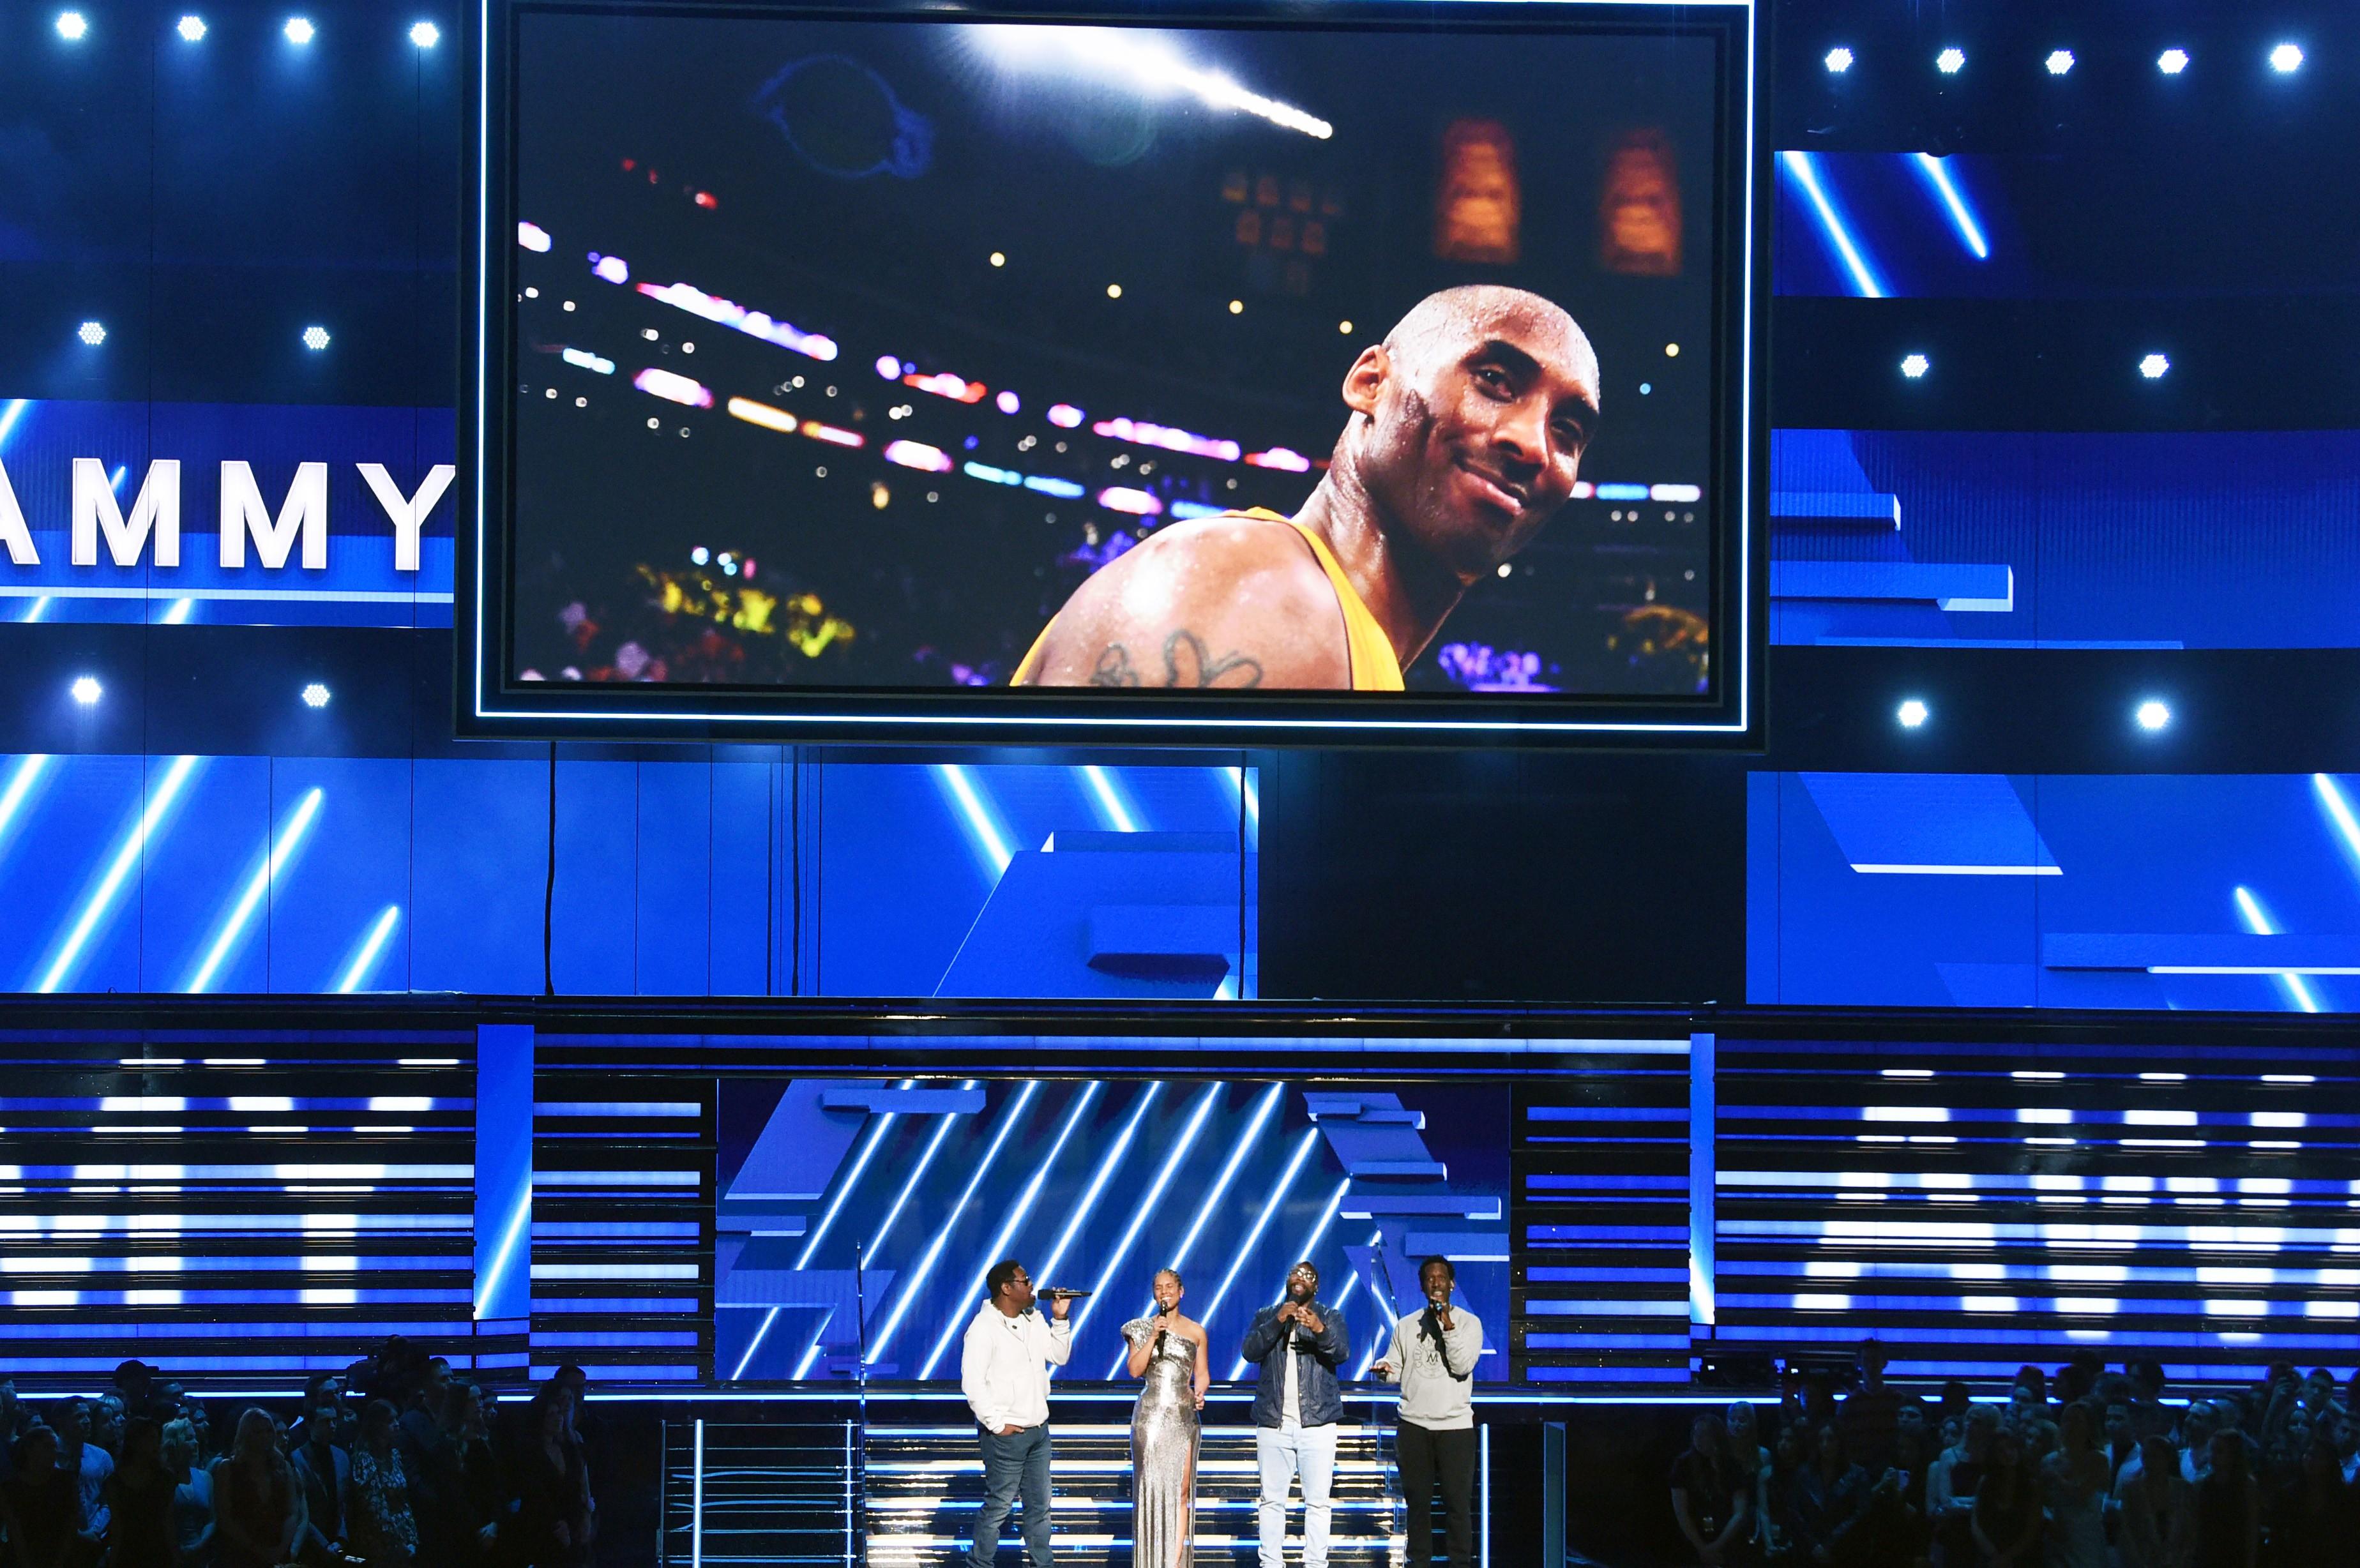 Alicia Keys e Boyz II Men cantam em homenagem a Kobe Bryant no Grammy 2020 KEVIN WINTER / GETTY IMAGES NORTH AMERICA / AFP